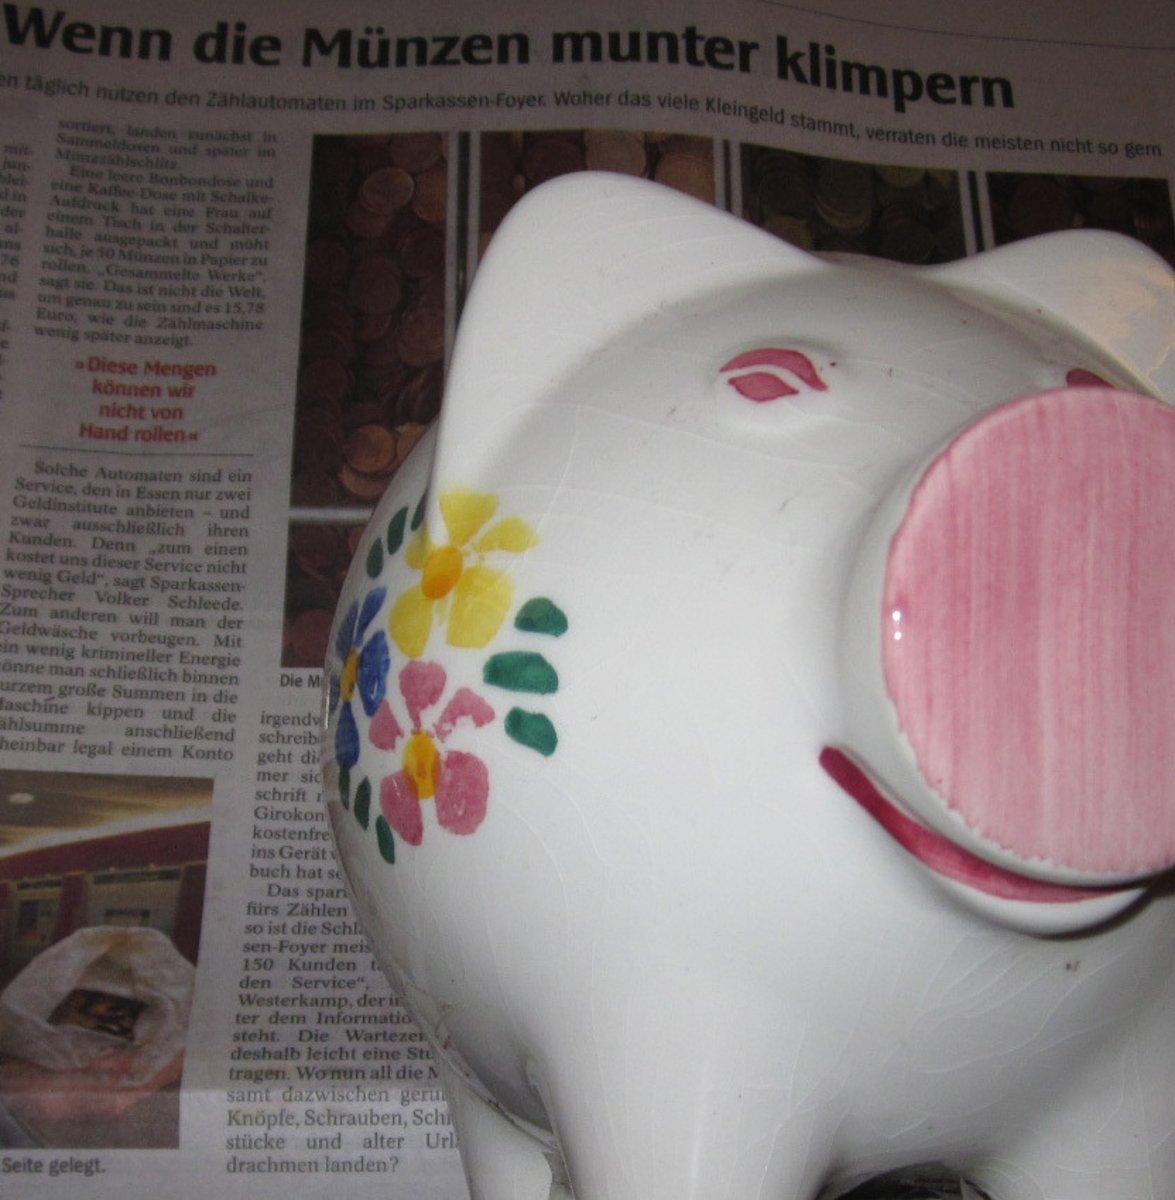 Tageszeitung Aktuelle Information Oder Werbung Essen Süd